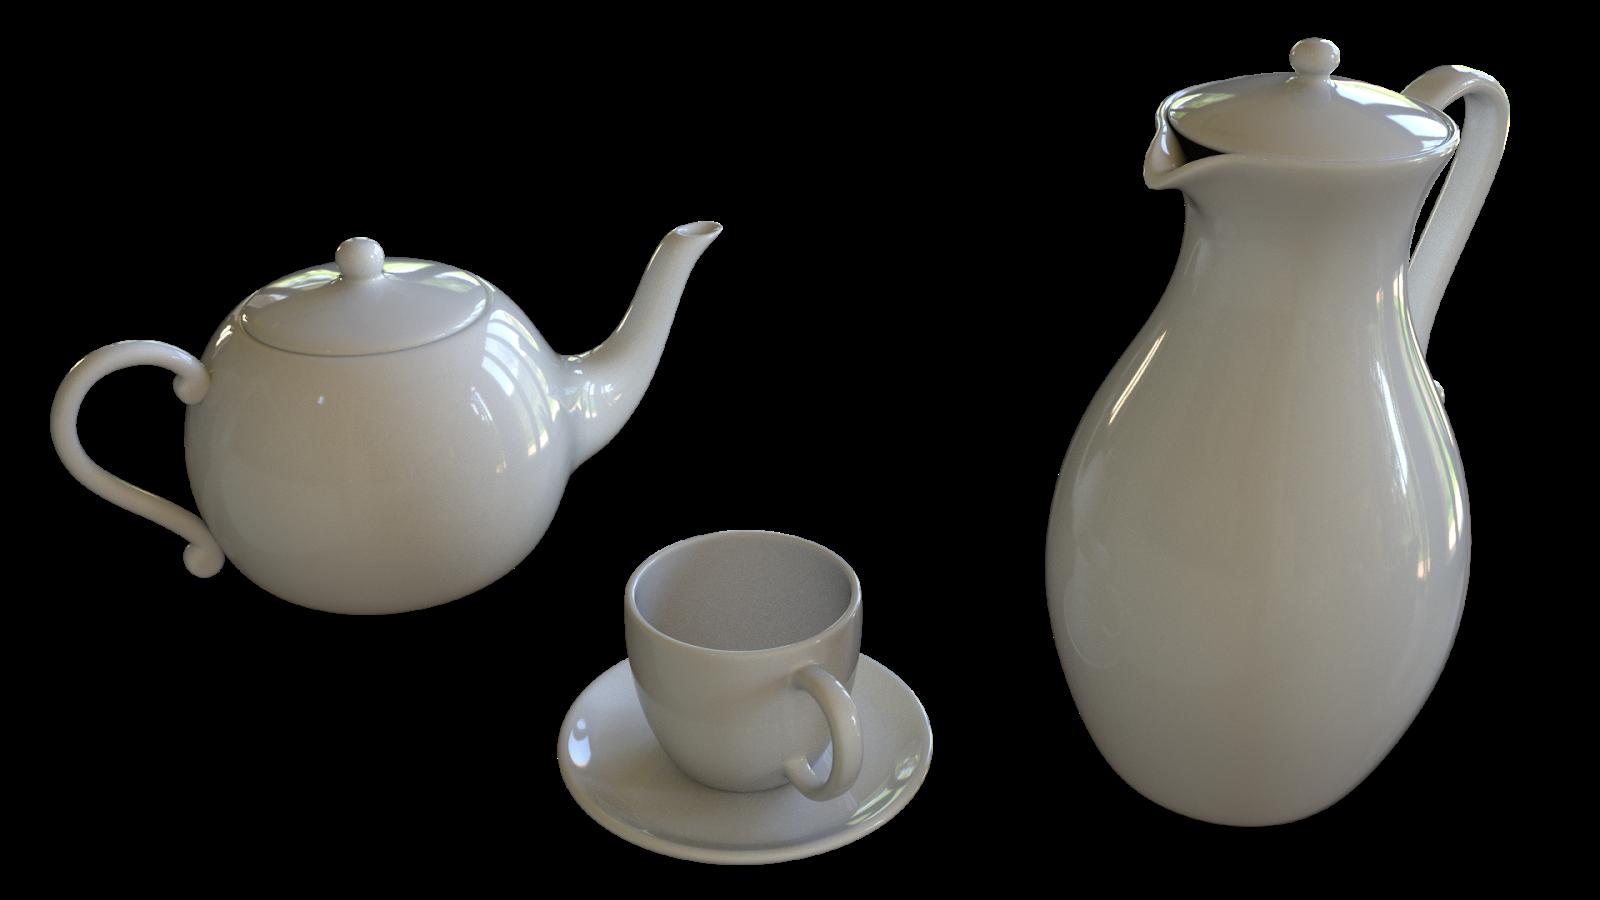 Free 3D Teapot CC0 3DS - Free 3D Models Under Public Domain